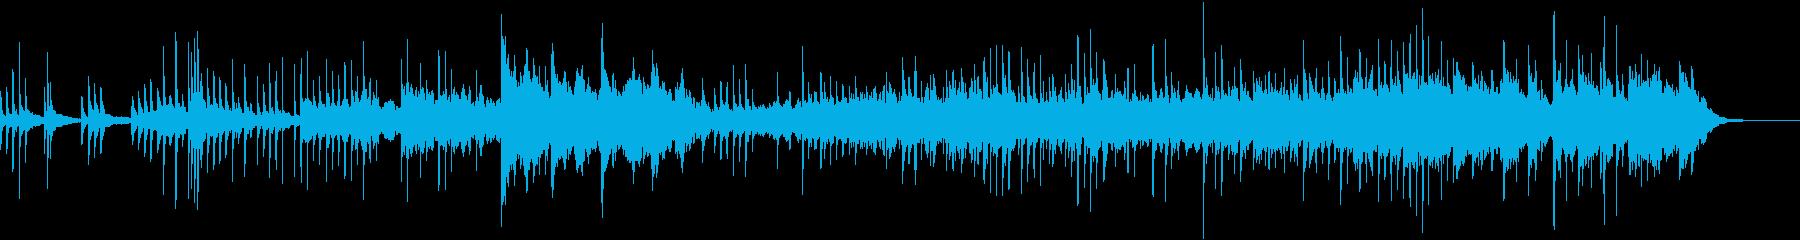 ノスタルジックなピアノの幻想的なBGMの再生済みの波形